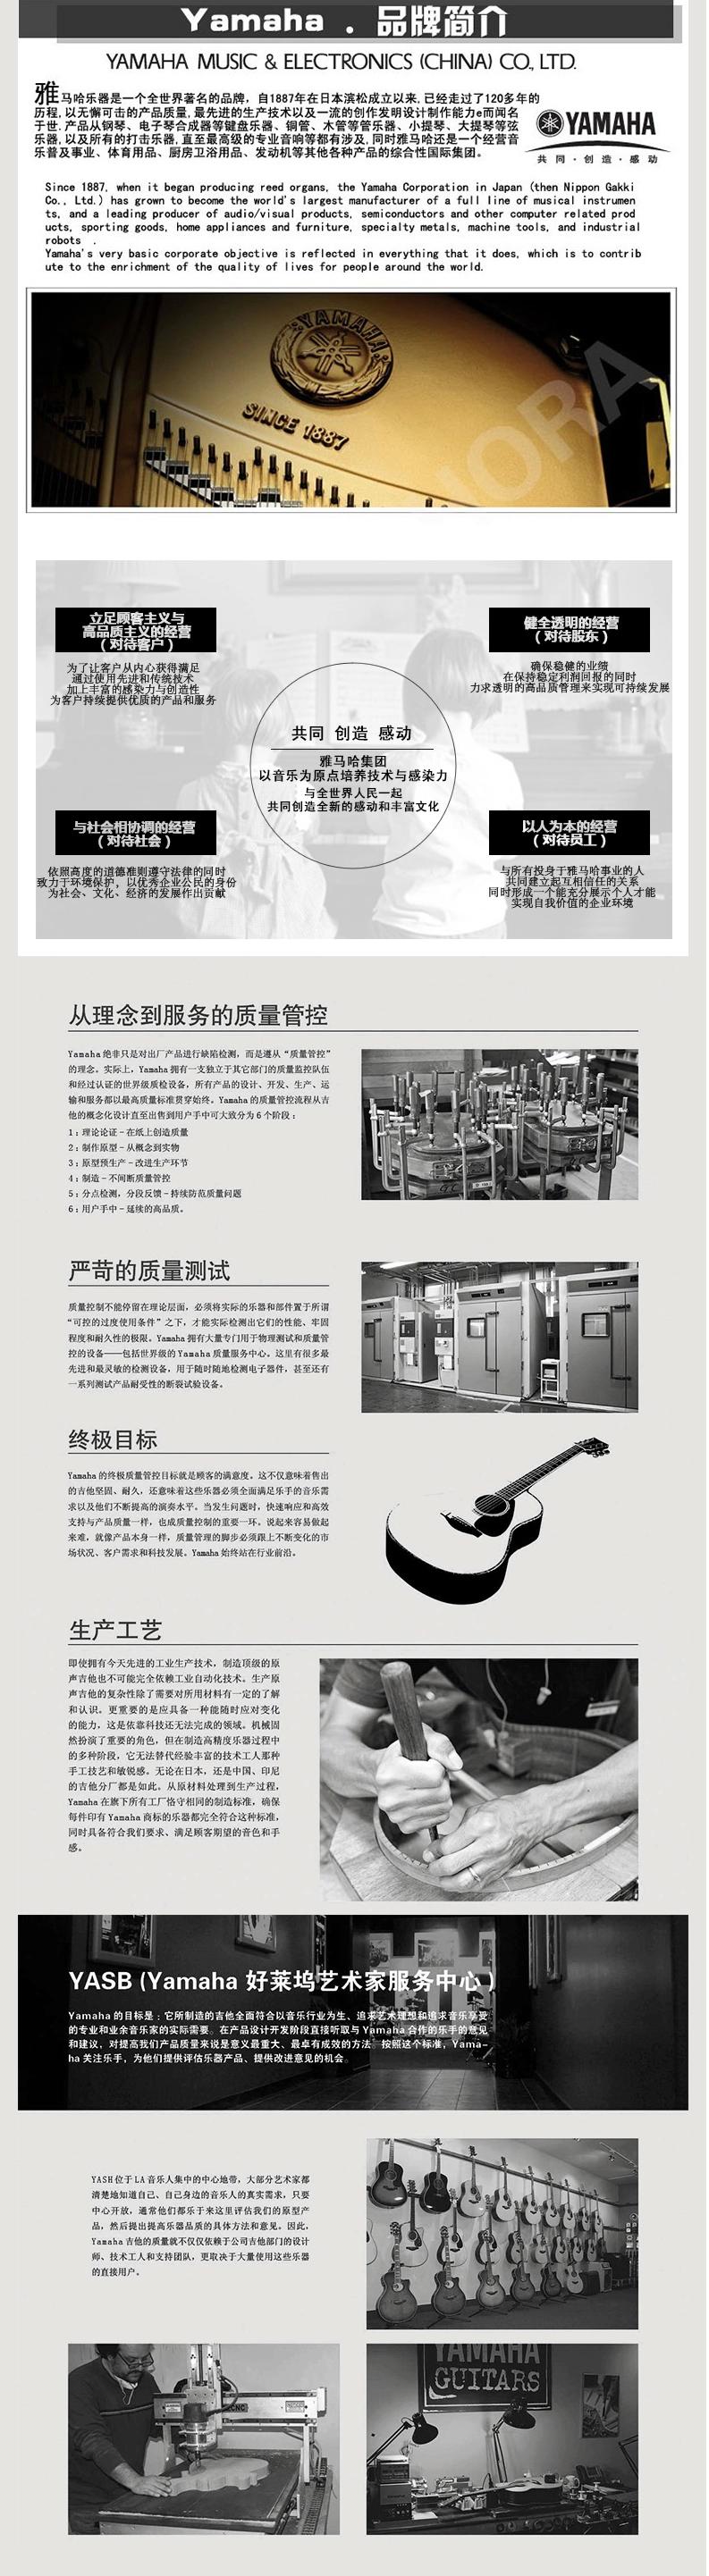 青岛雅马哈电吉他PAC012